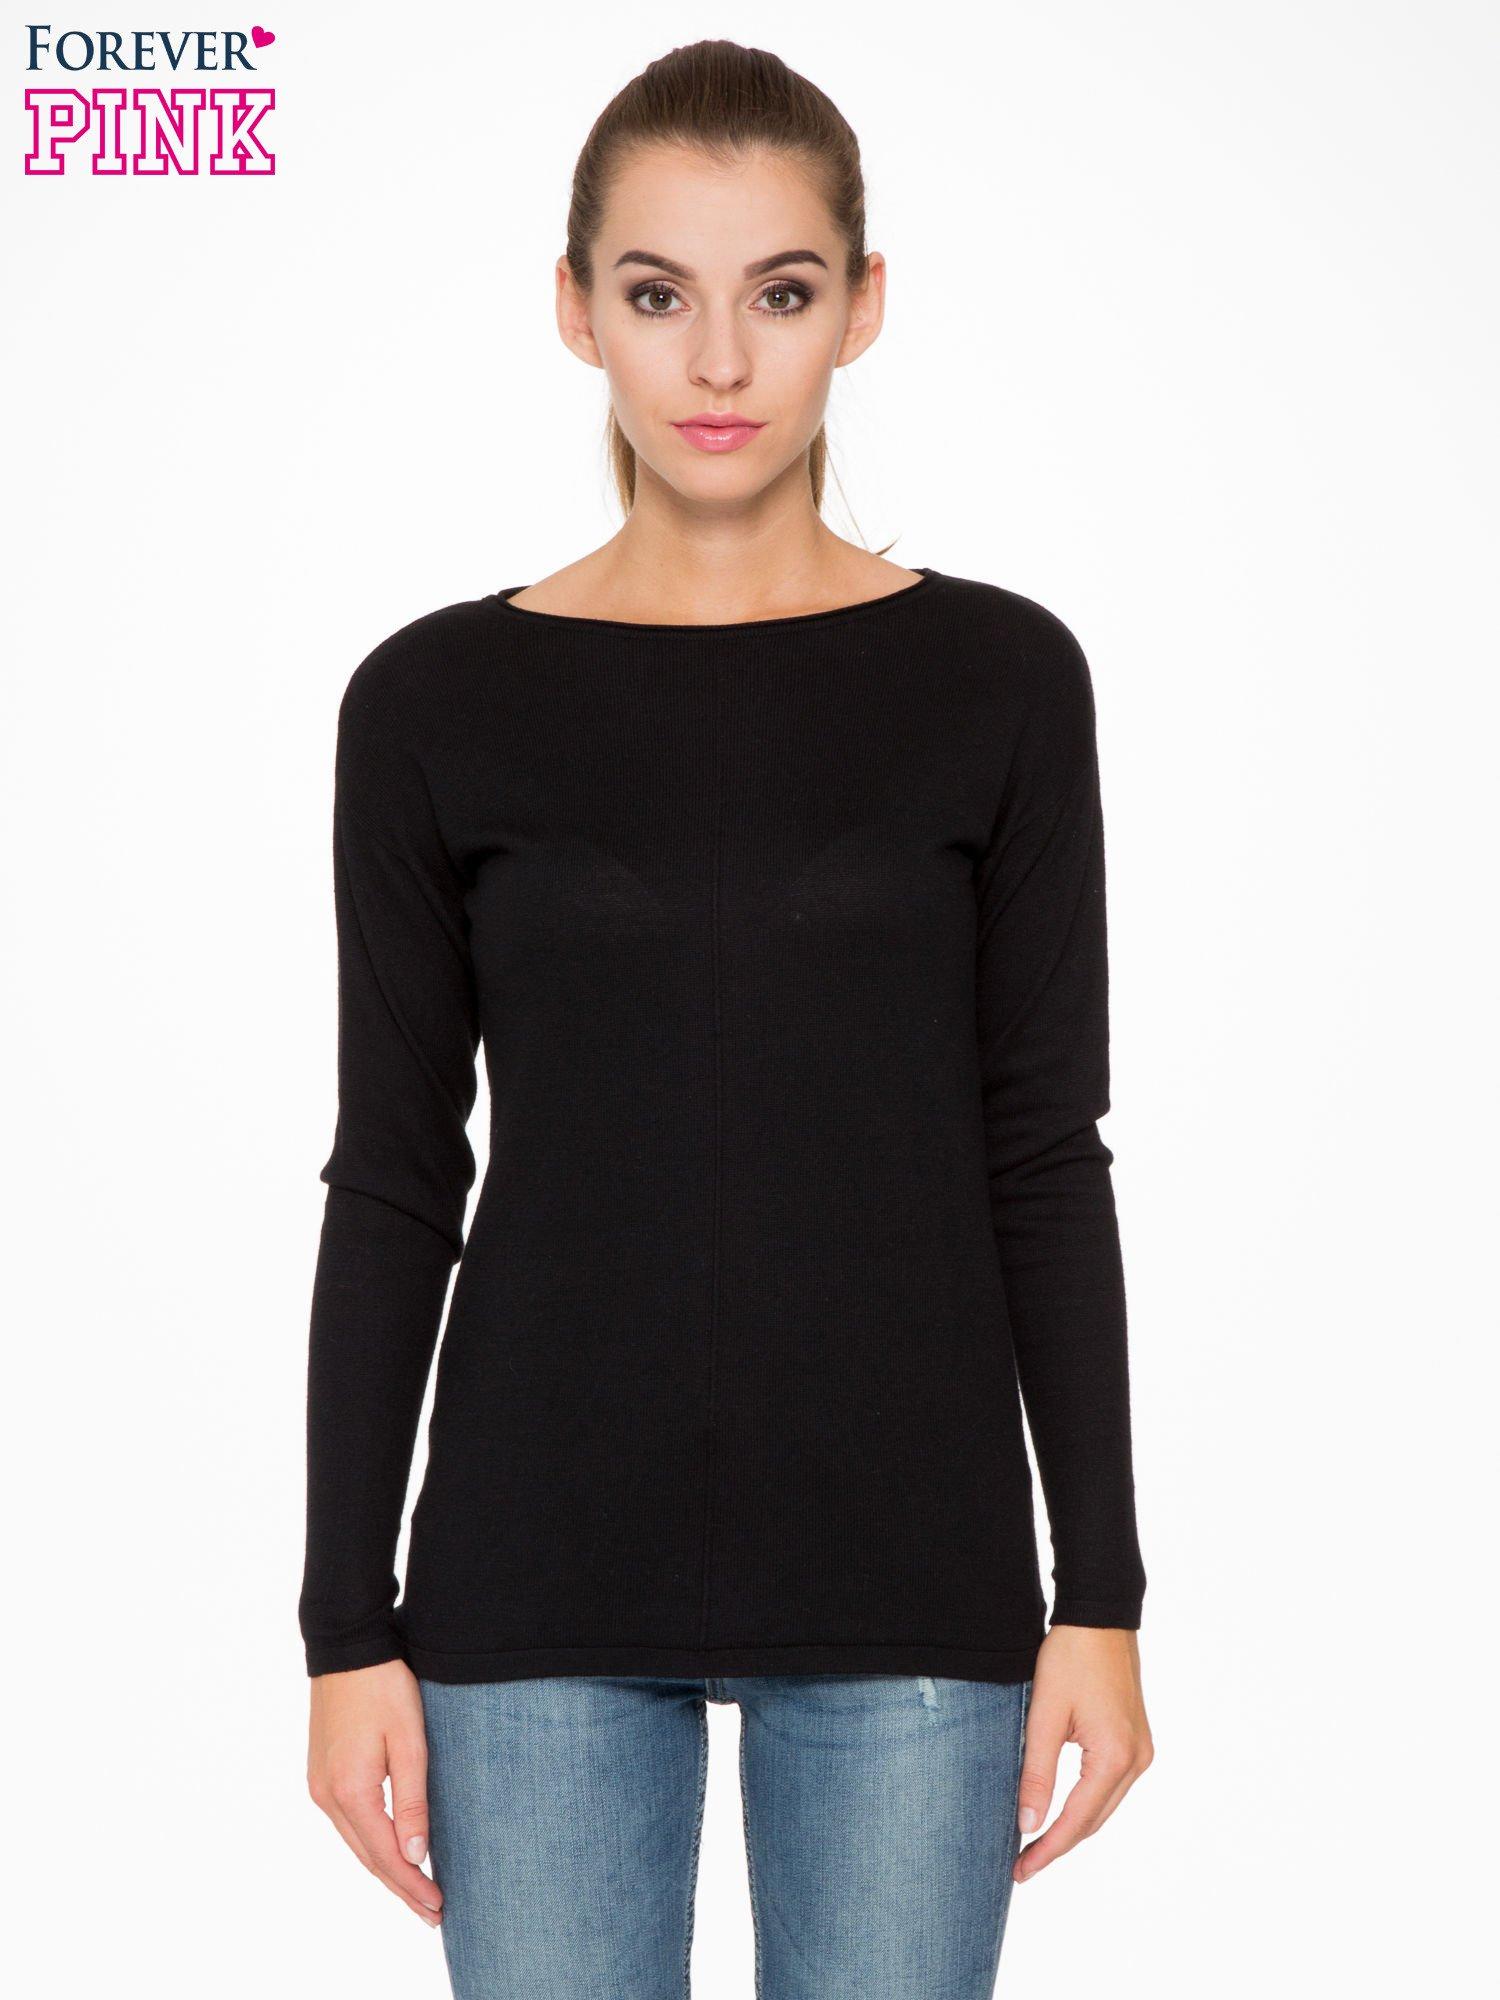 Czarny sweter z dłuższym tyłem i rozporkami po bokach                                  zdj.                                  1